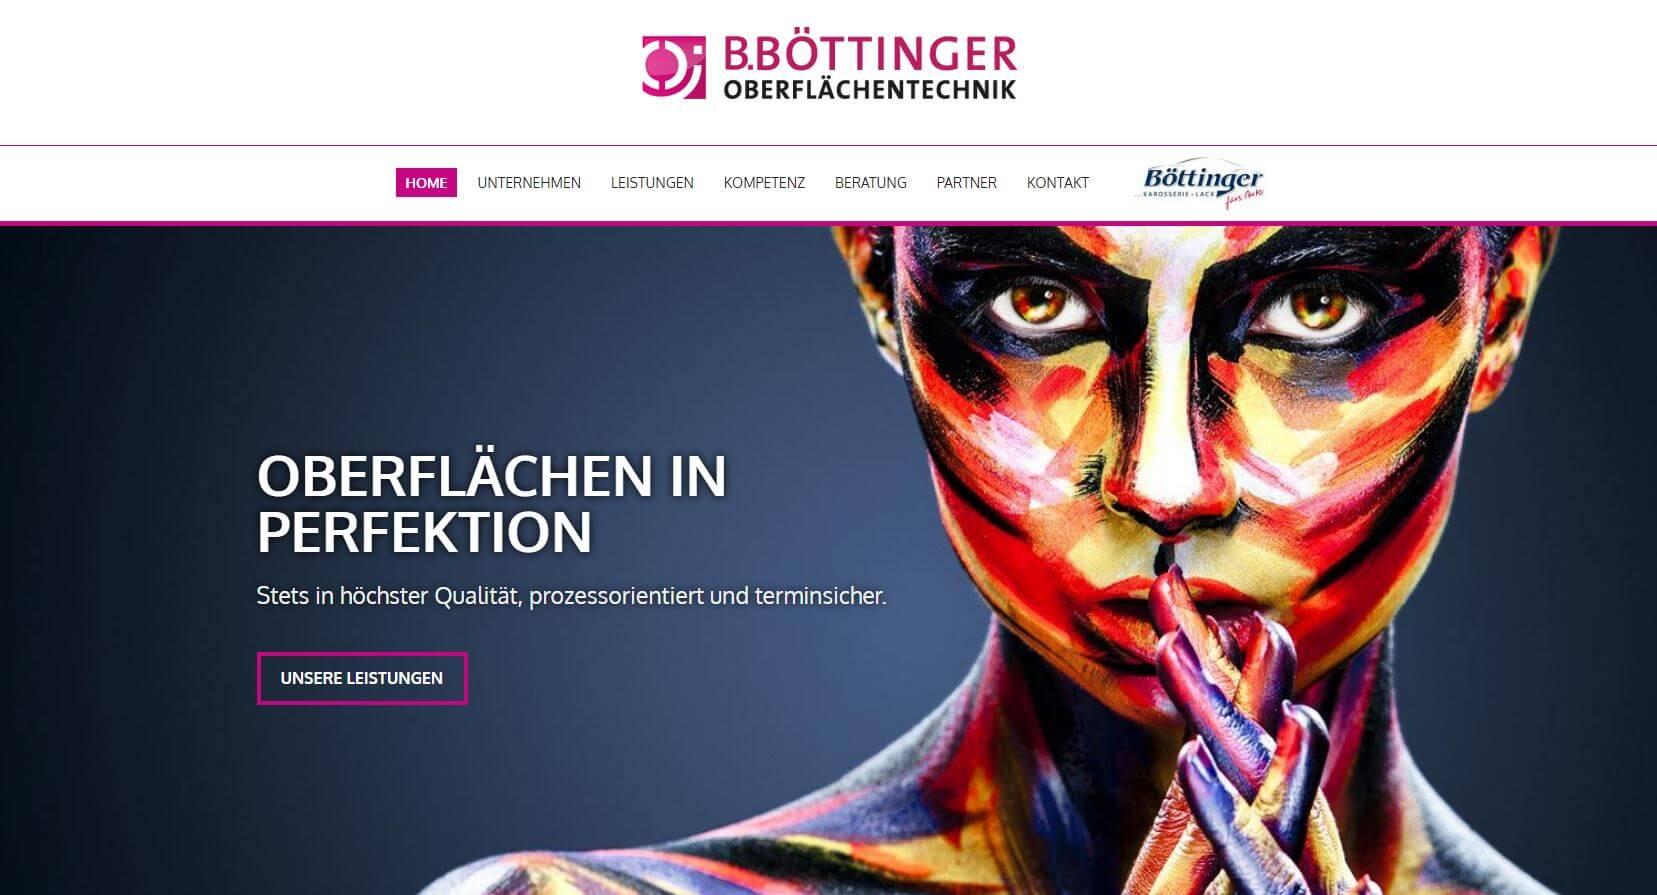 Screenshot B. Böttinger Oberflächentechnik